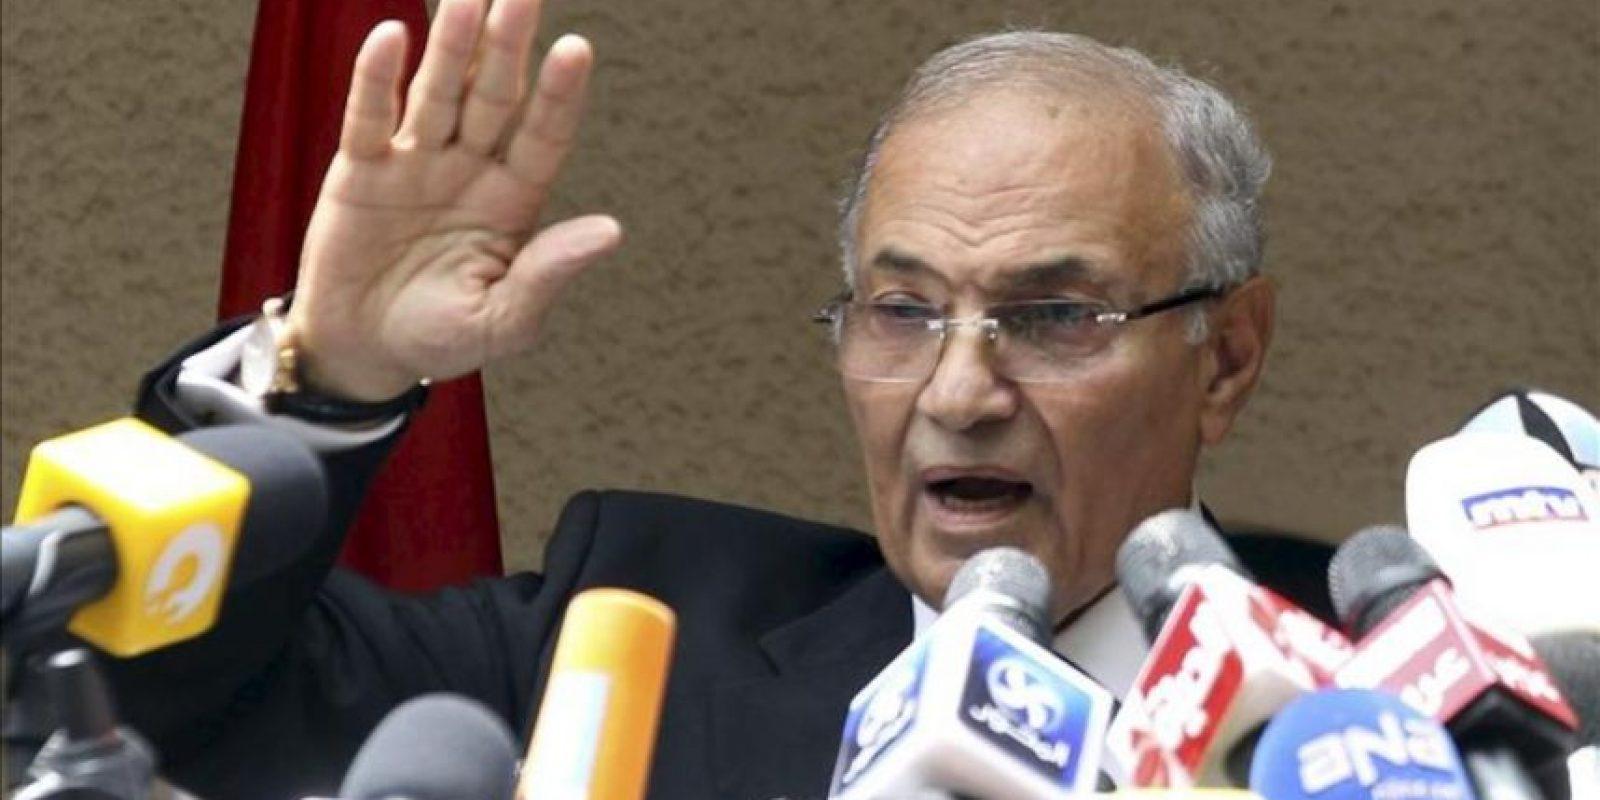 El candidato presidencial egipcio, Ahmed Shafik, ofrece una rueda de prensa en El Cairo (Egipto). EFE